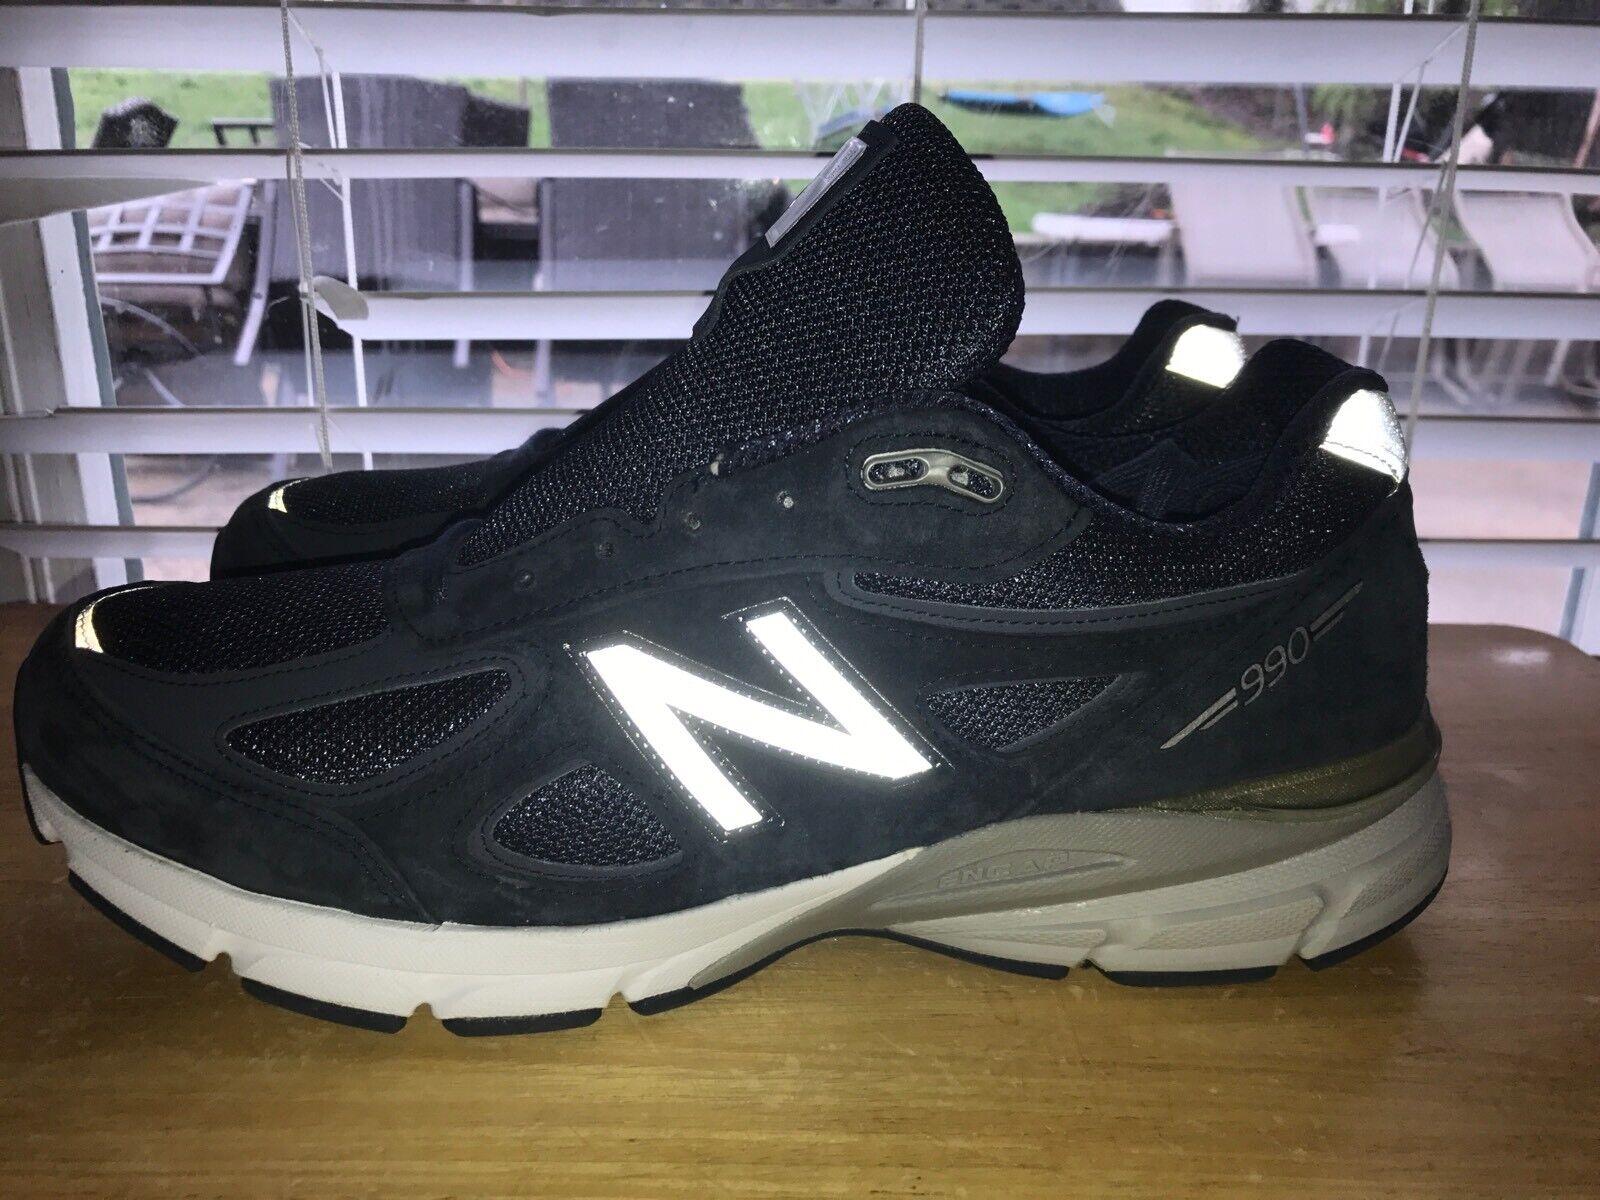 Debes ver 990 Zapatos M990NV4 fabuloso NEW BALANCE Azul Marino Hombre 11.5 2E Ancho Usado En Excelente Condición